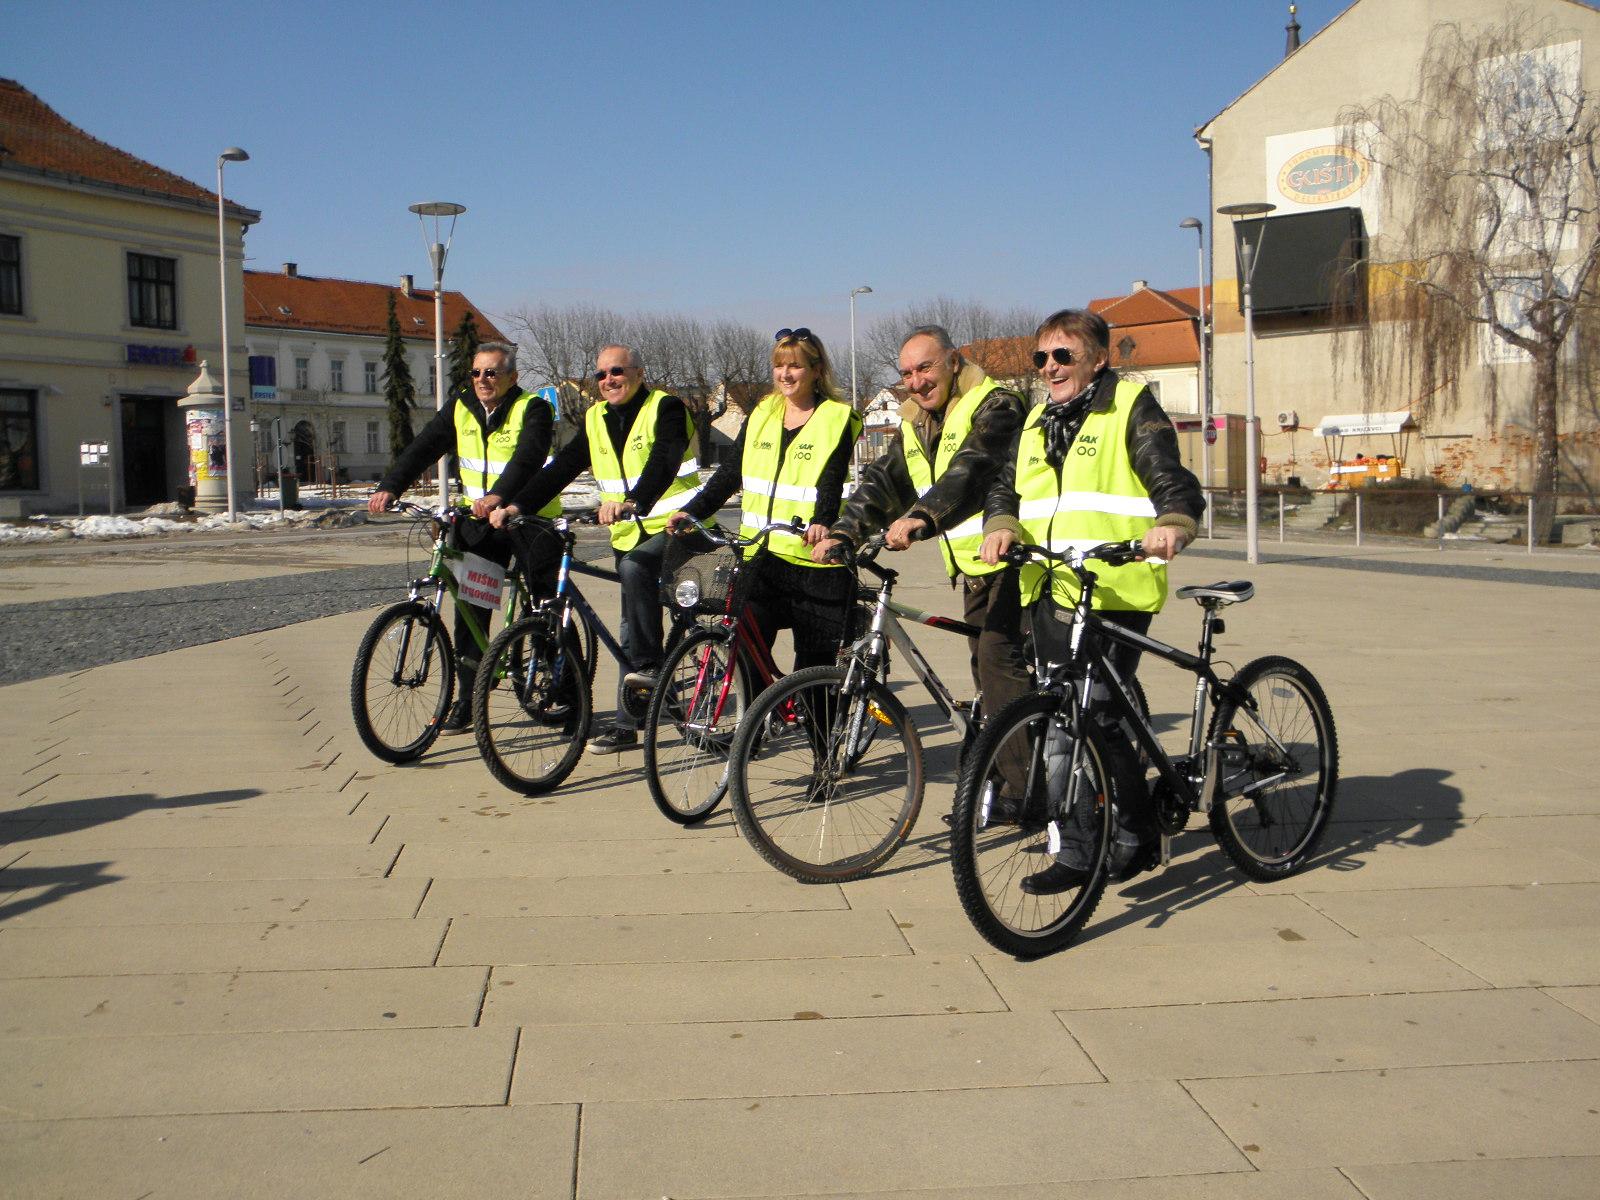 Novi fosili sudjeluju u akciji povećanja sigurnosti u prometu, u Križevcima 21. veljače 2012. - u sjećanje na Rajka Dujmića (foto R.Matić)